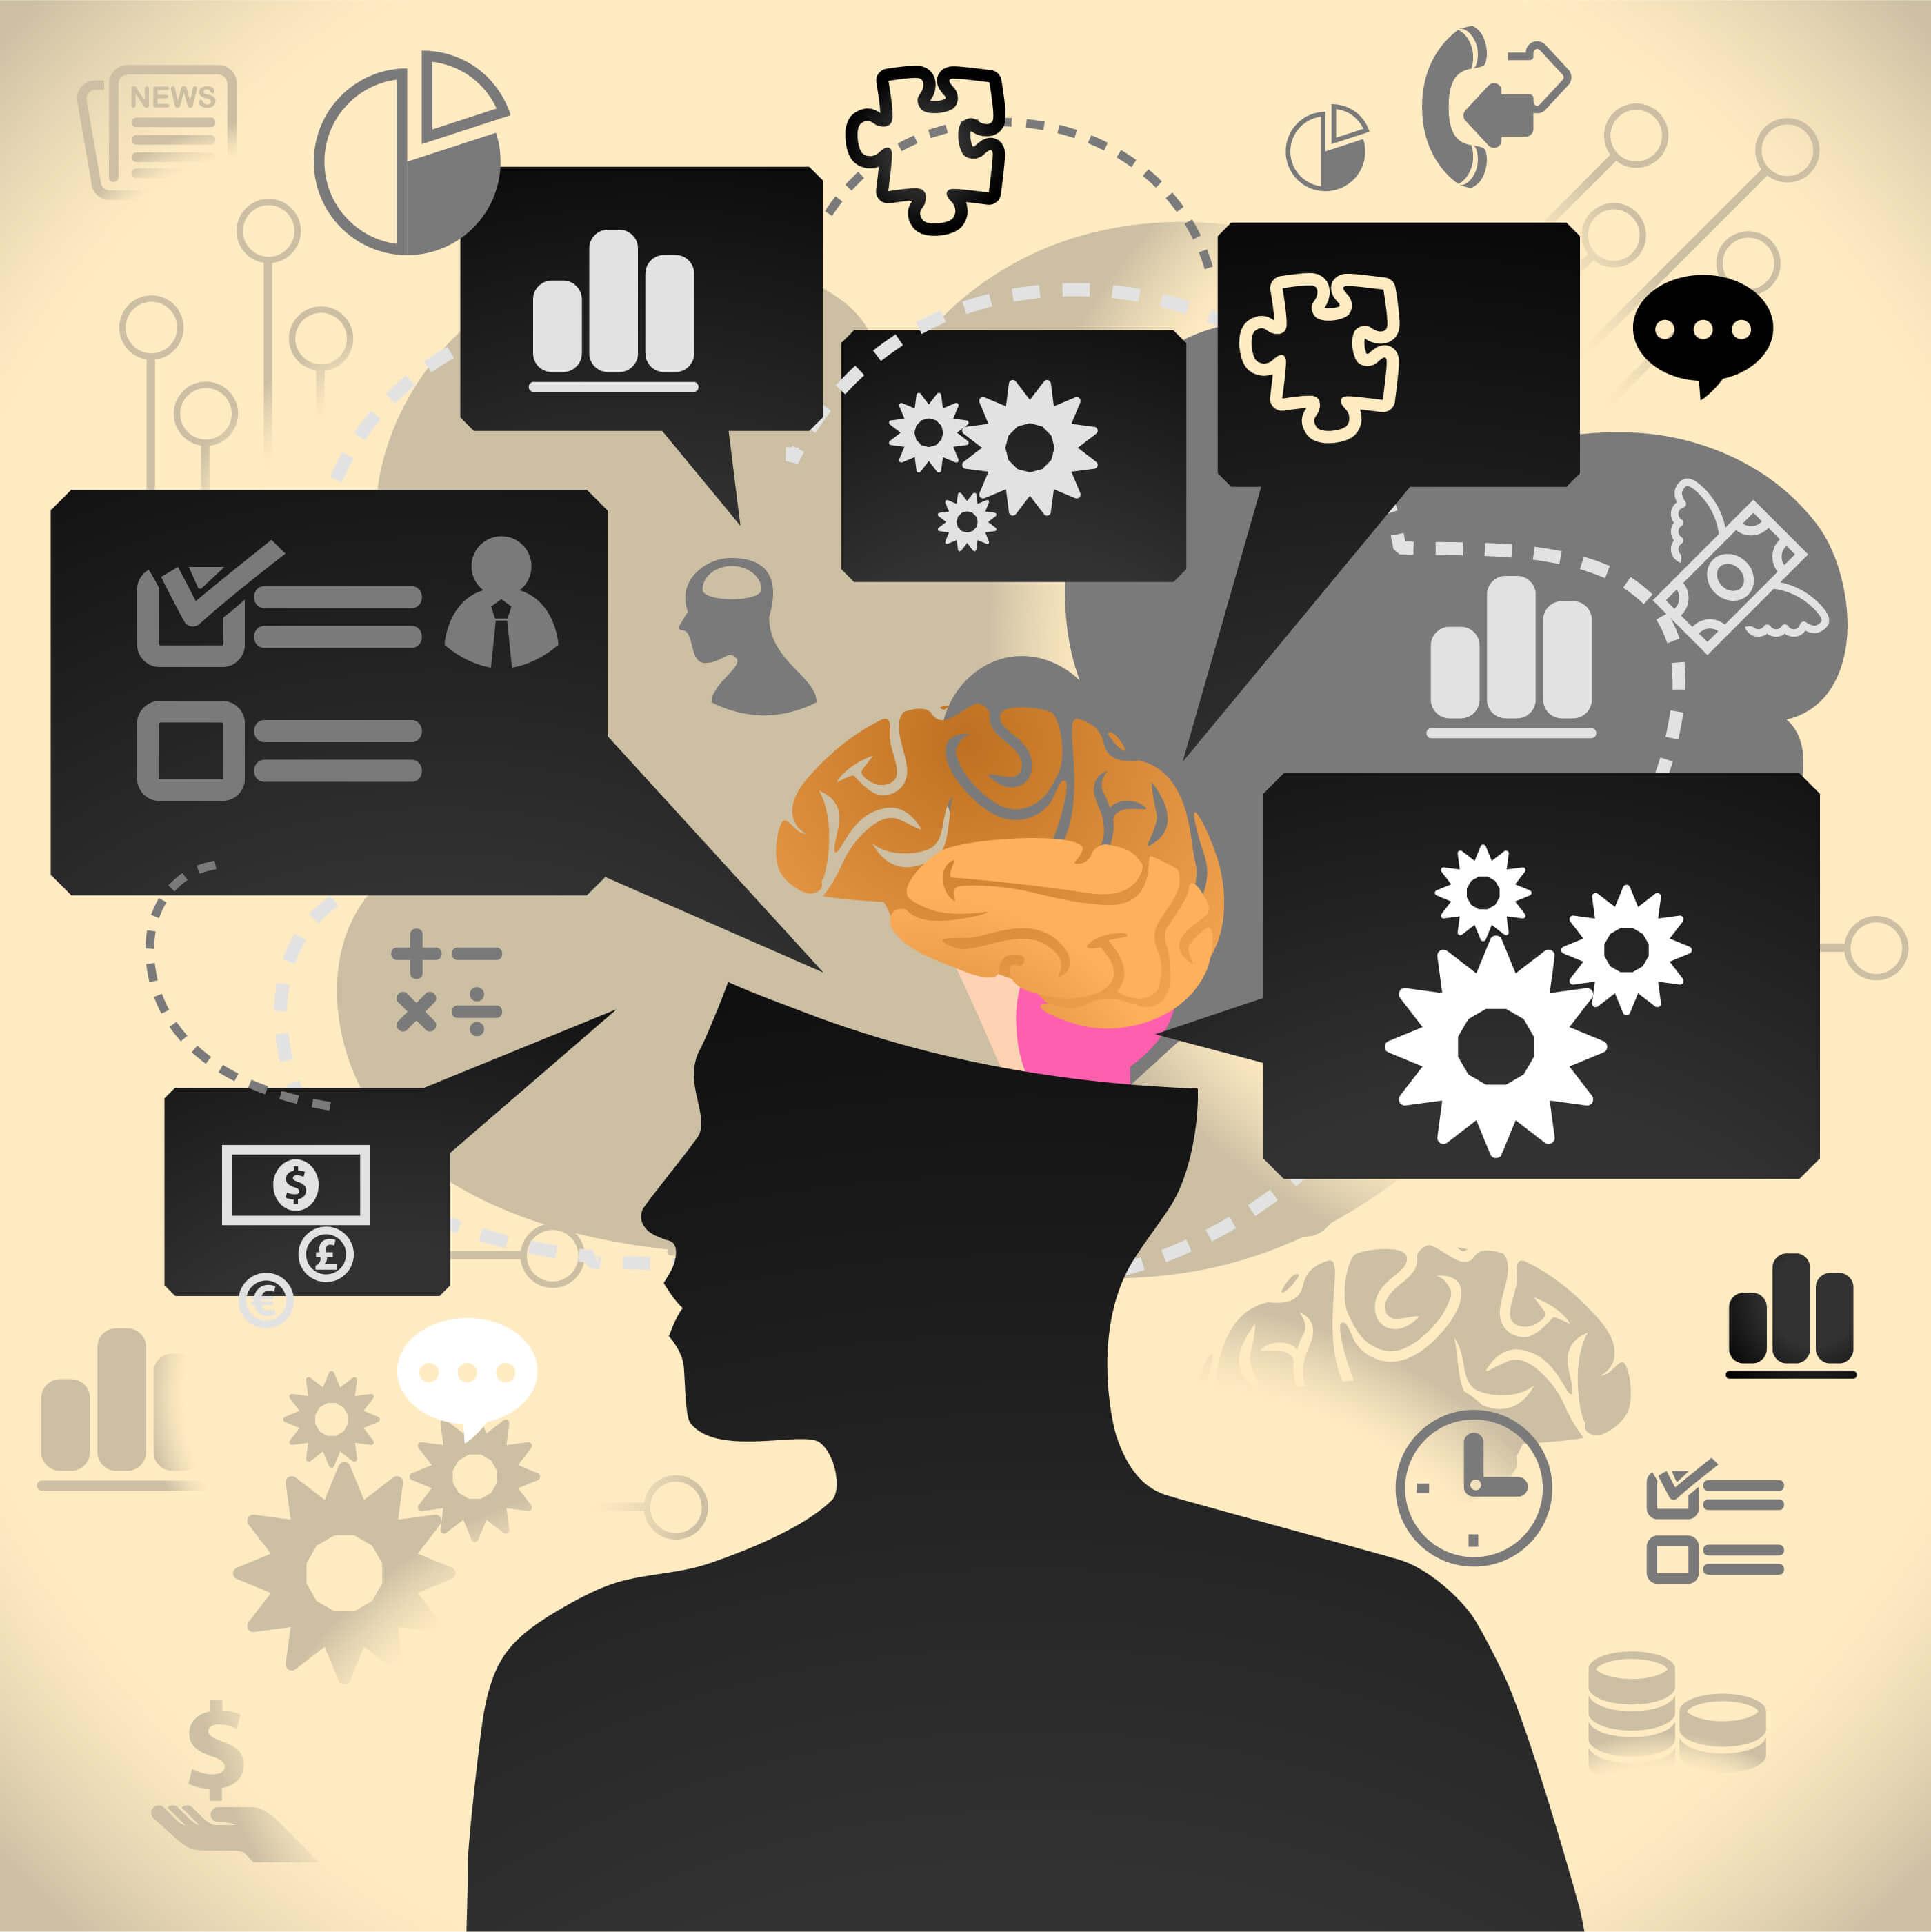 Medicine brain stroke